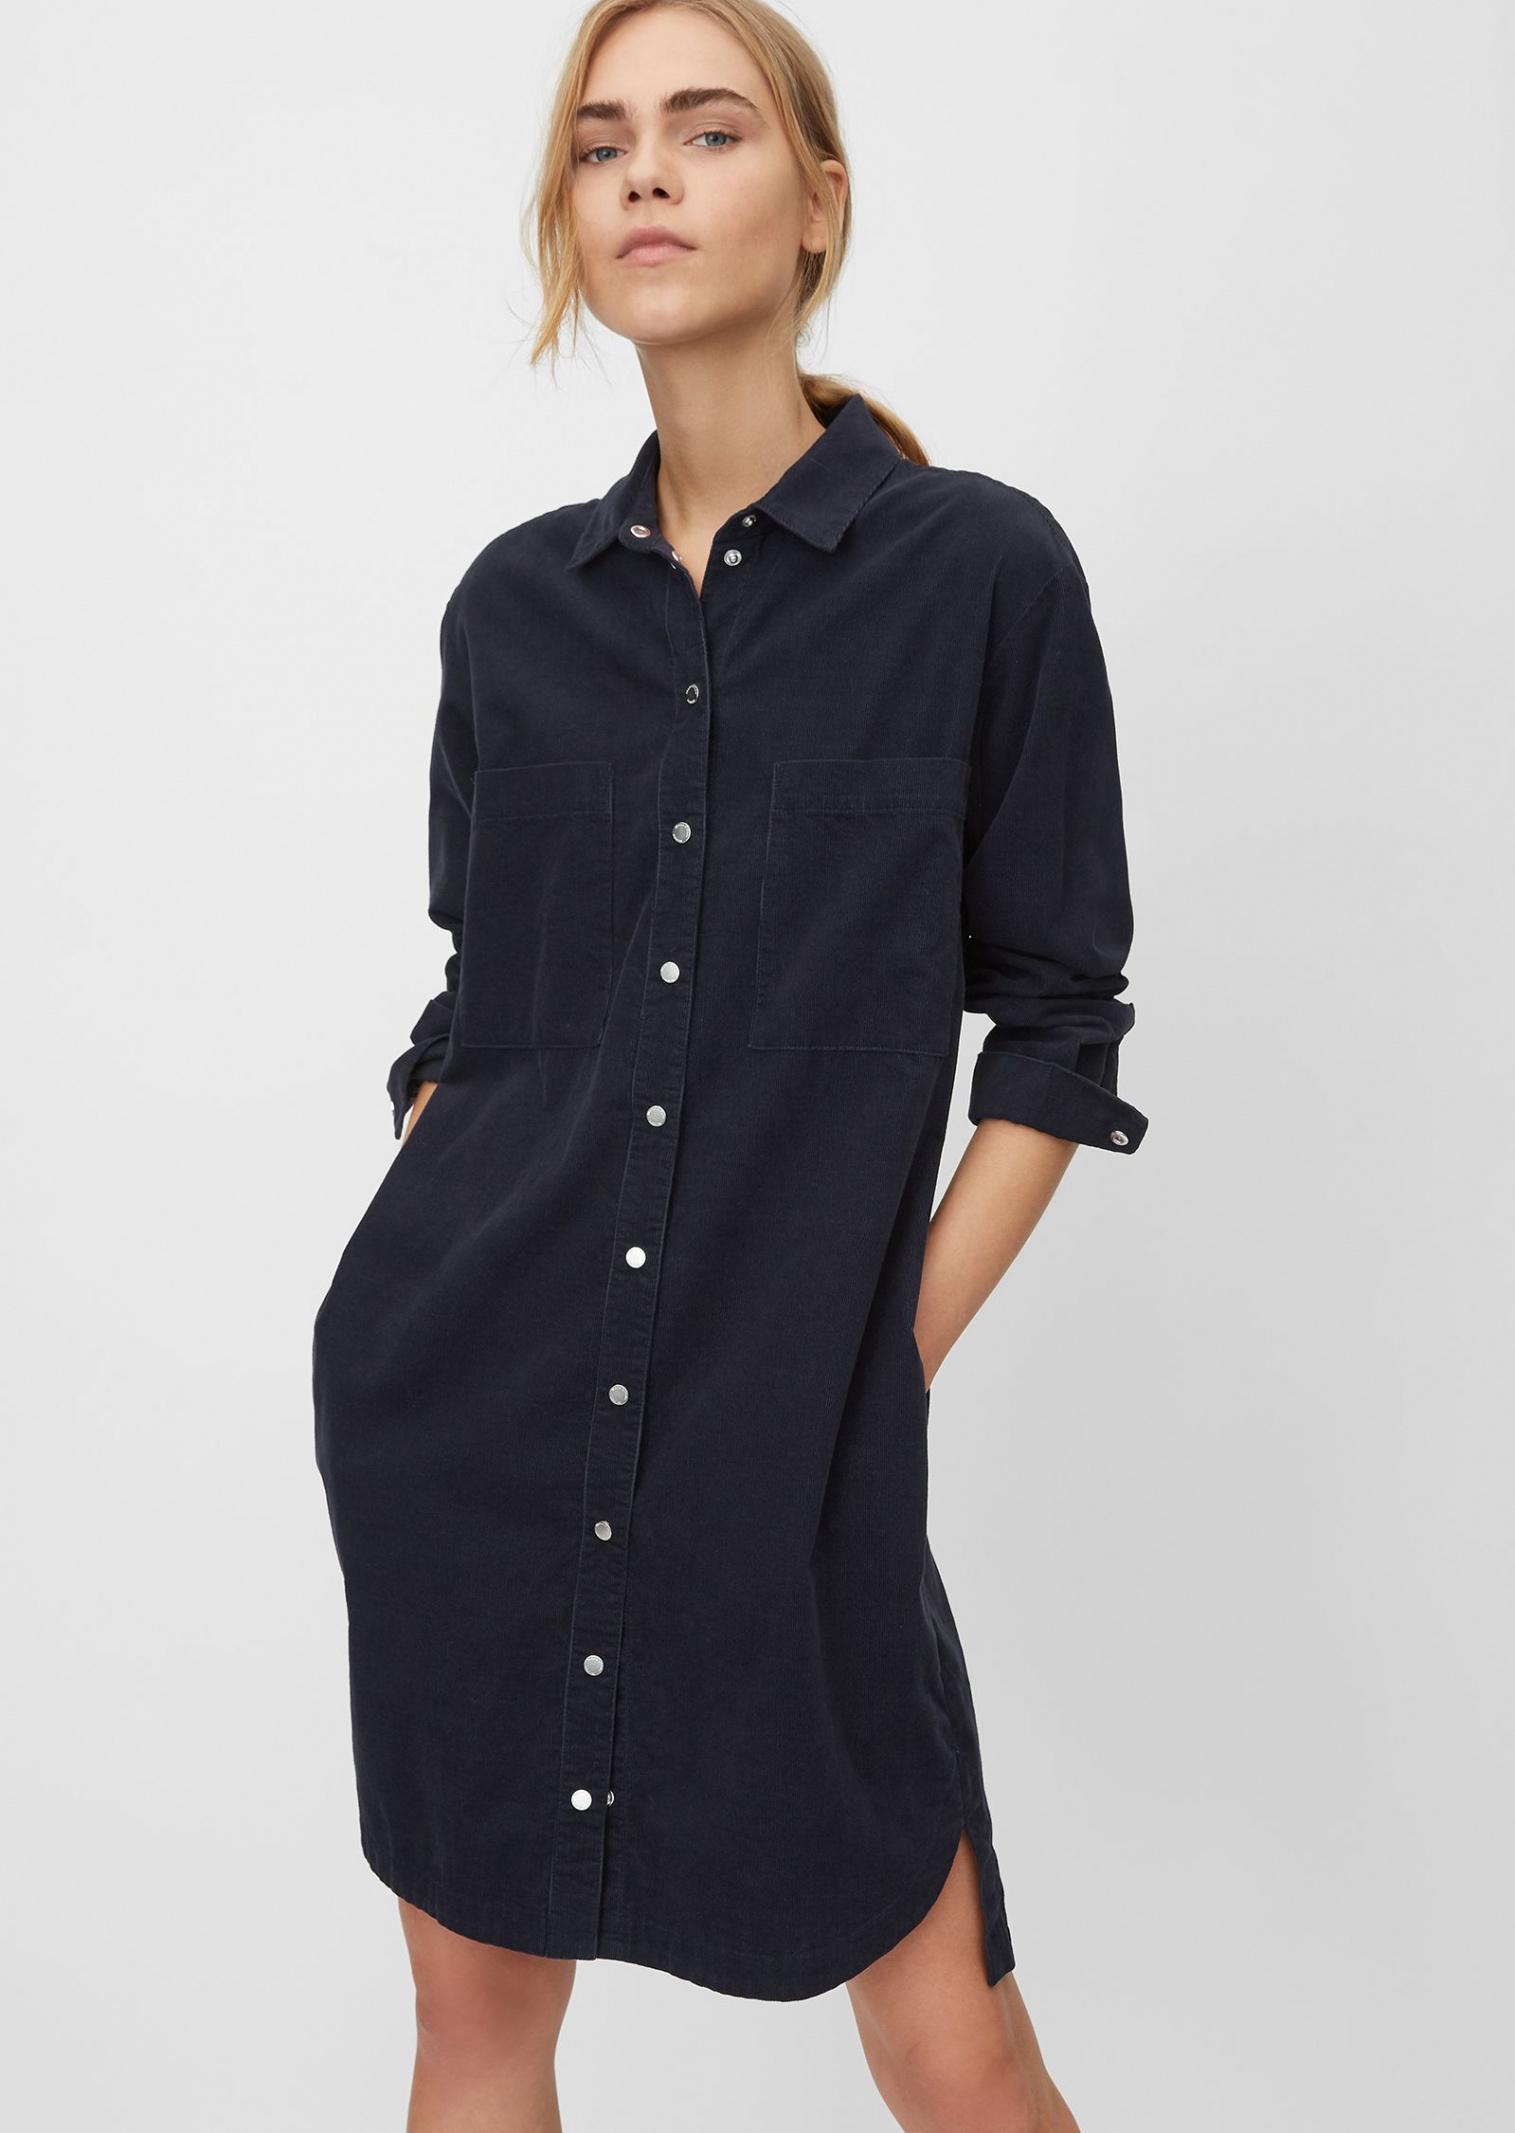 Платье женские MARC O'POLO DENIM модель PF3959 приобрести, 2017